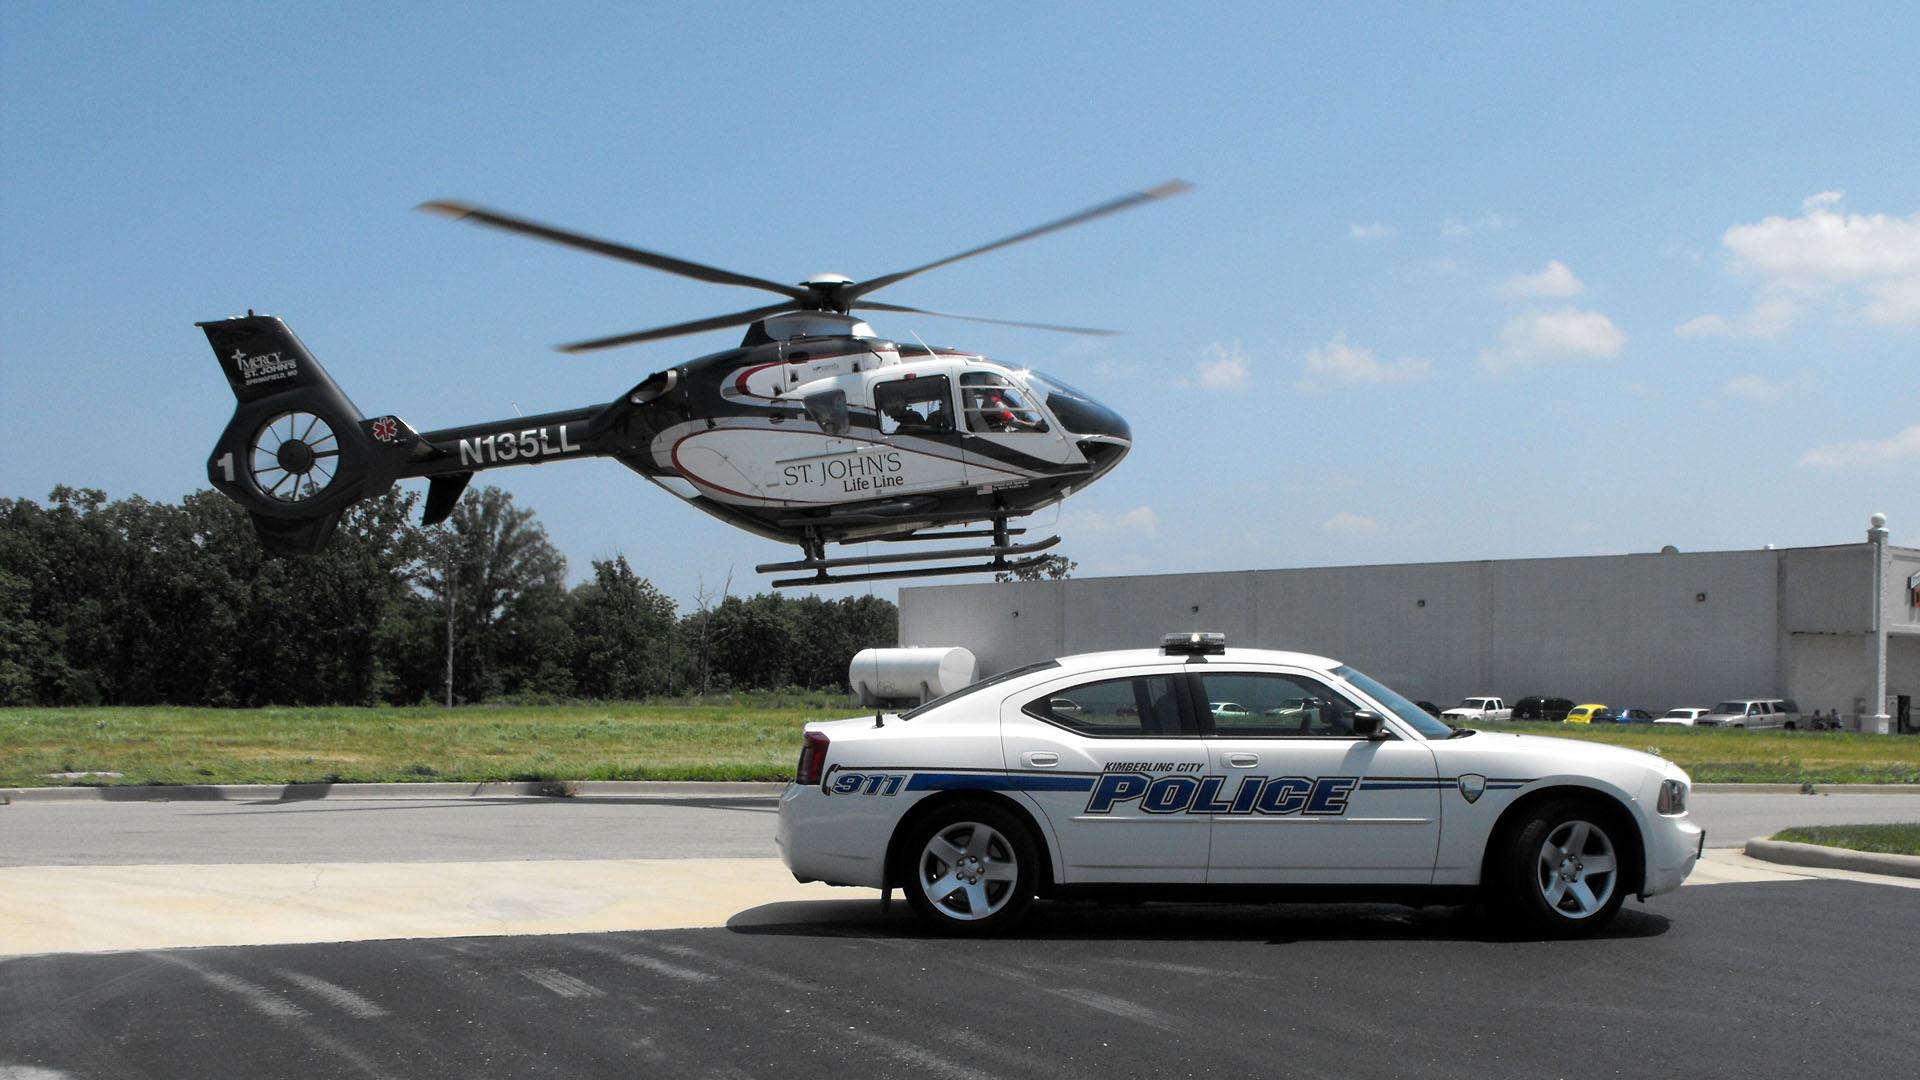 картинки на авто вертолет служит дня